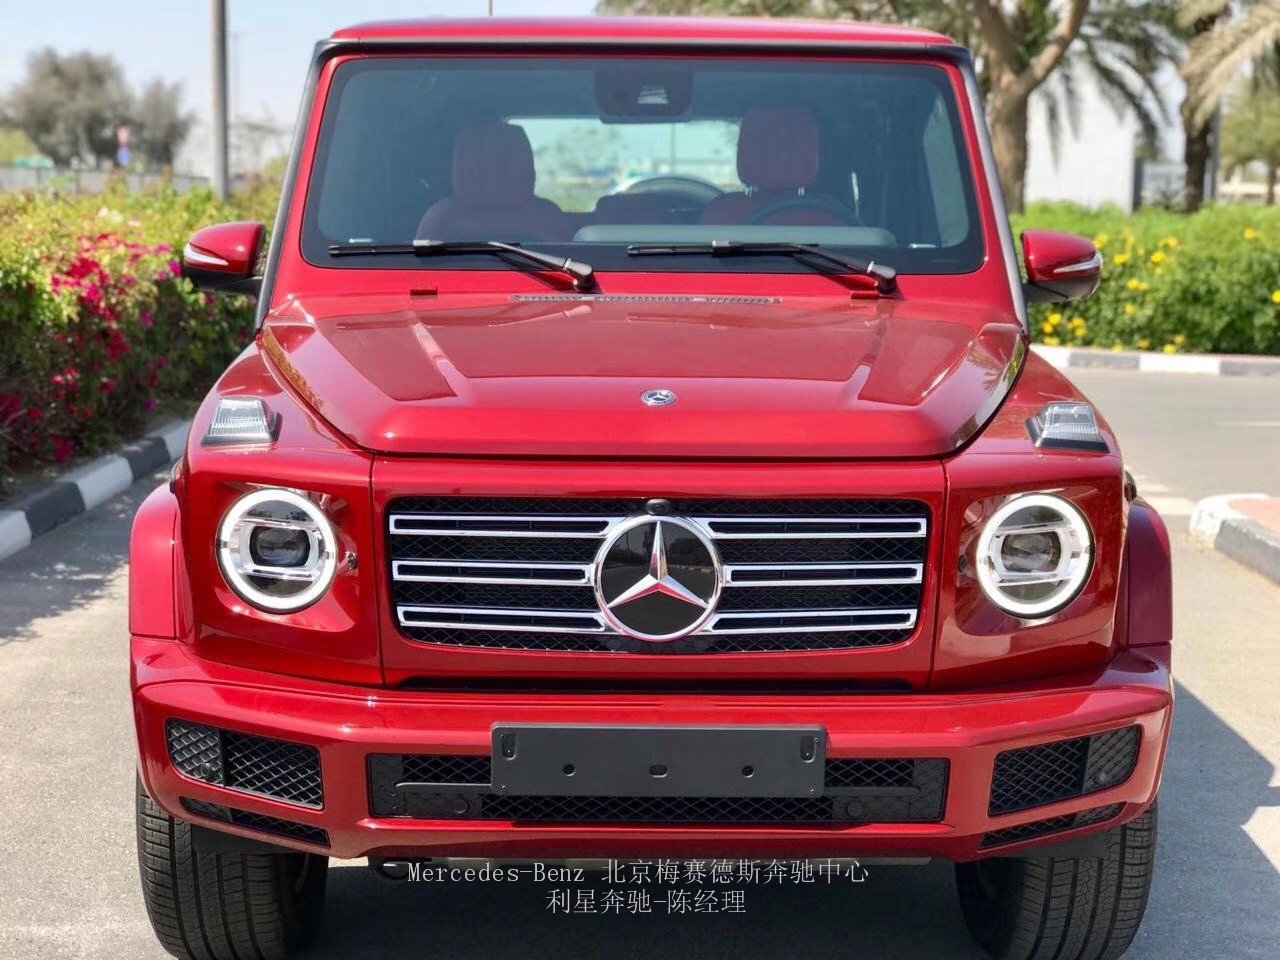 20款奔驰G500报价 好口碑高品质硬派